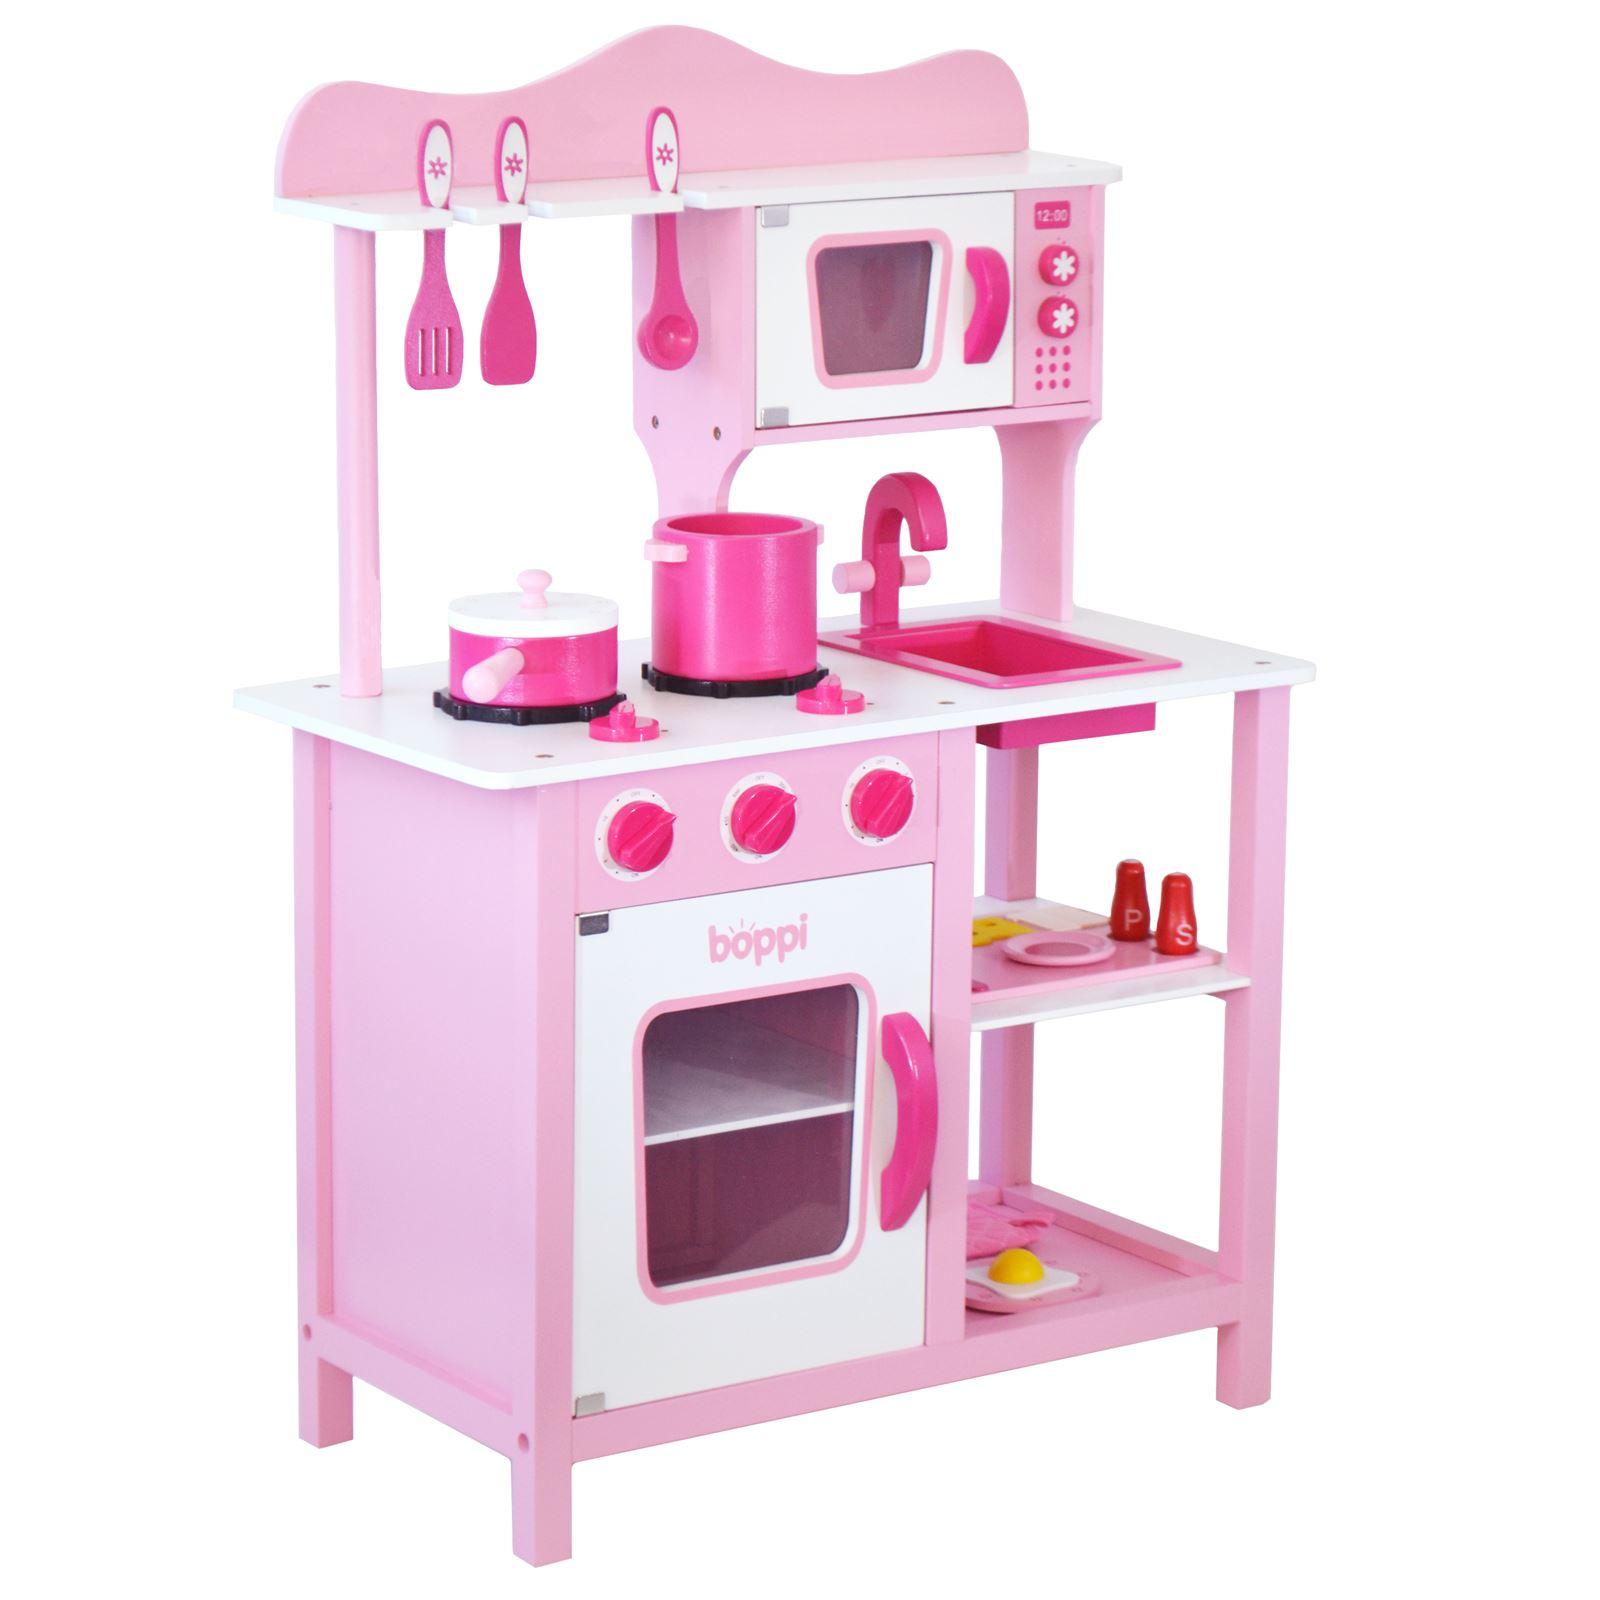 Bambini ragazze rosa giocattolo in legno cucina with 20 for Cocina juguete imaginarium